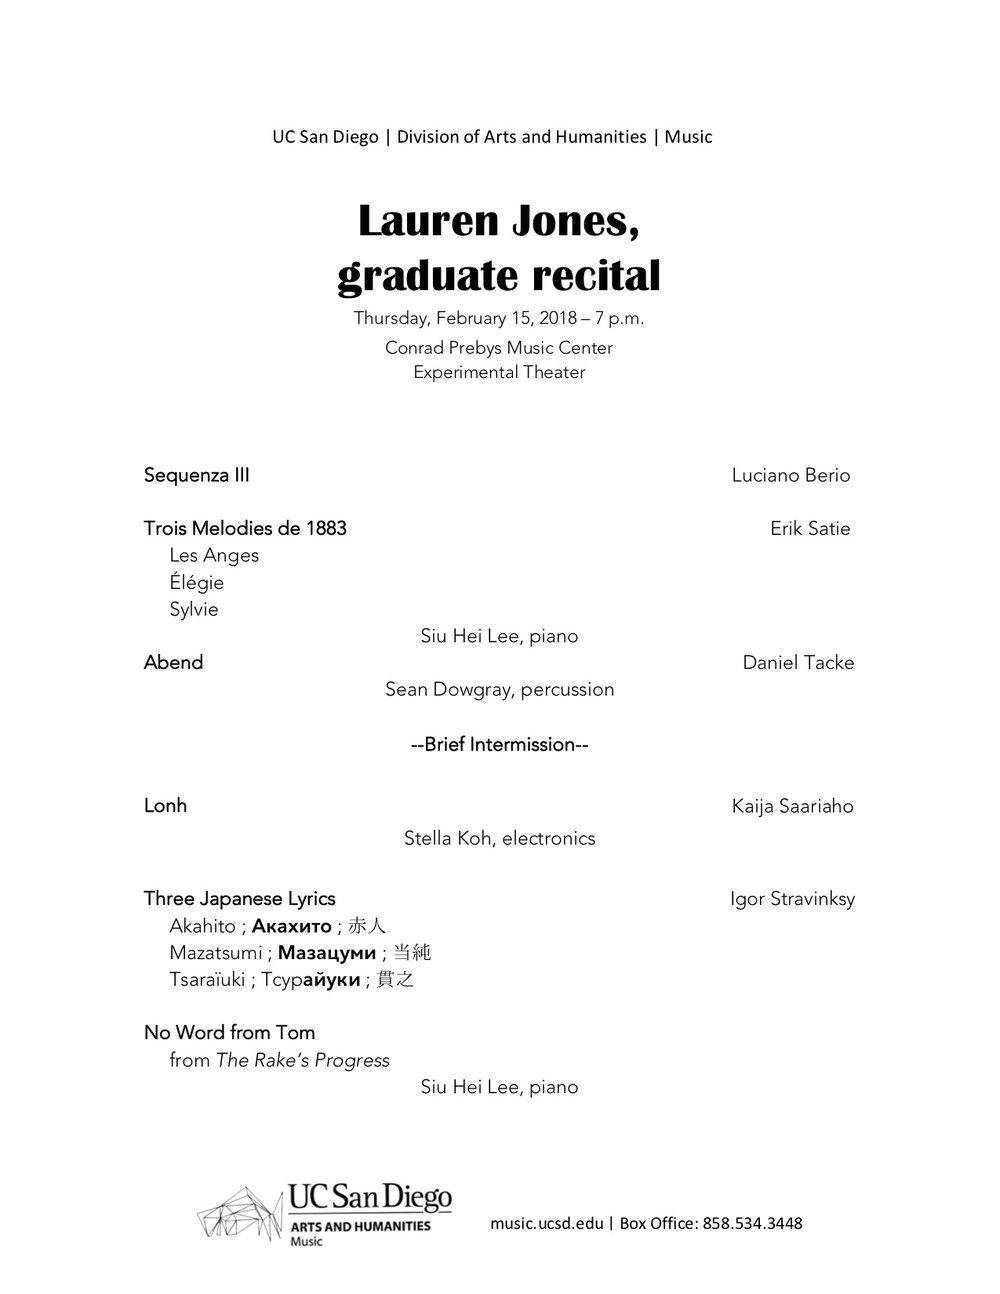 Graduate Recital Program.jpg